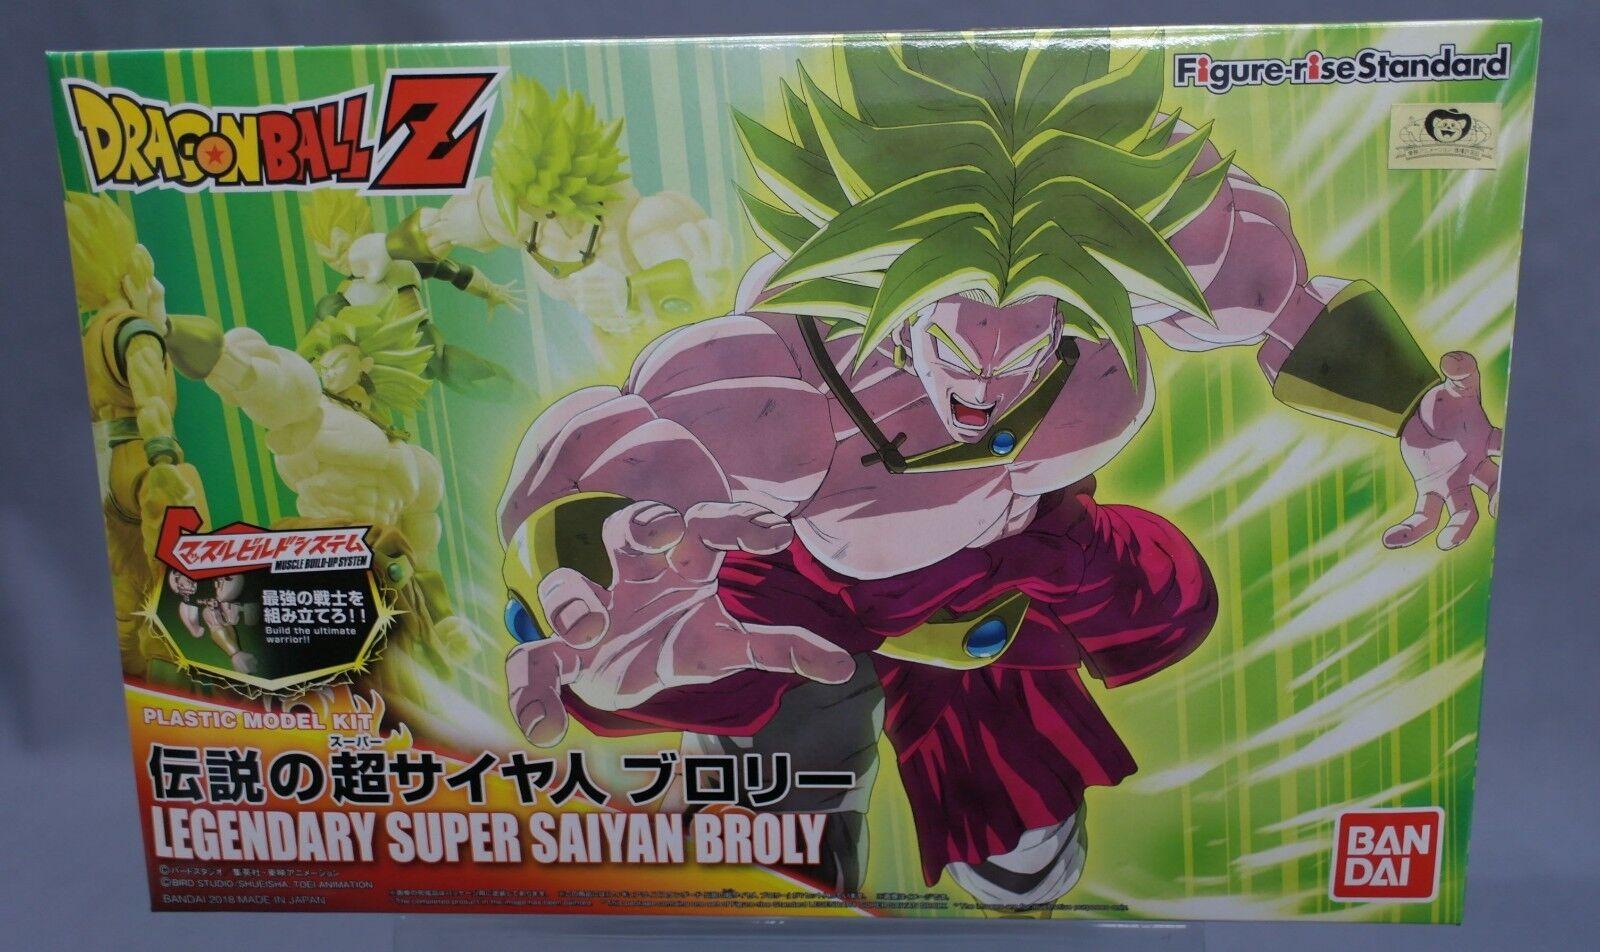 MG Figure-rise Standard Dragon Ball Z DBZ Super Saiyan Broly Model kit Bandai